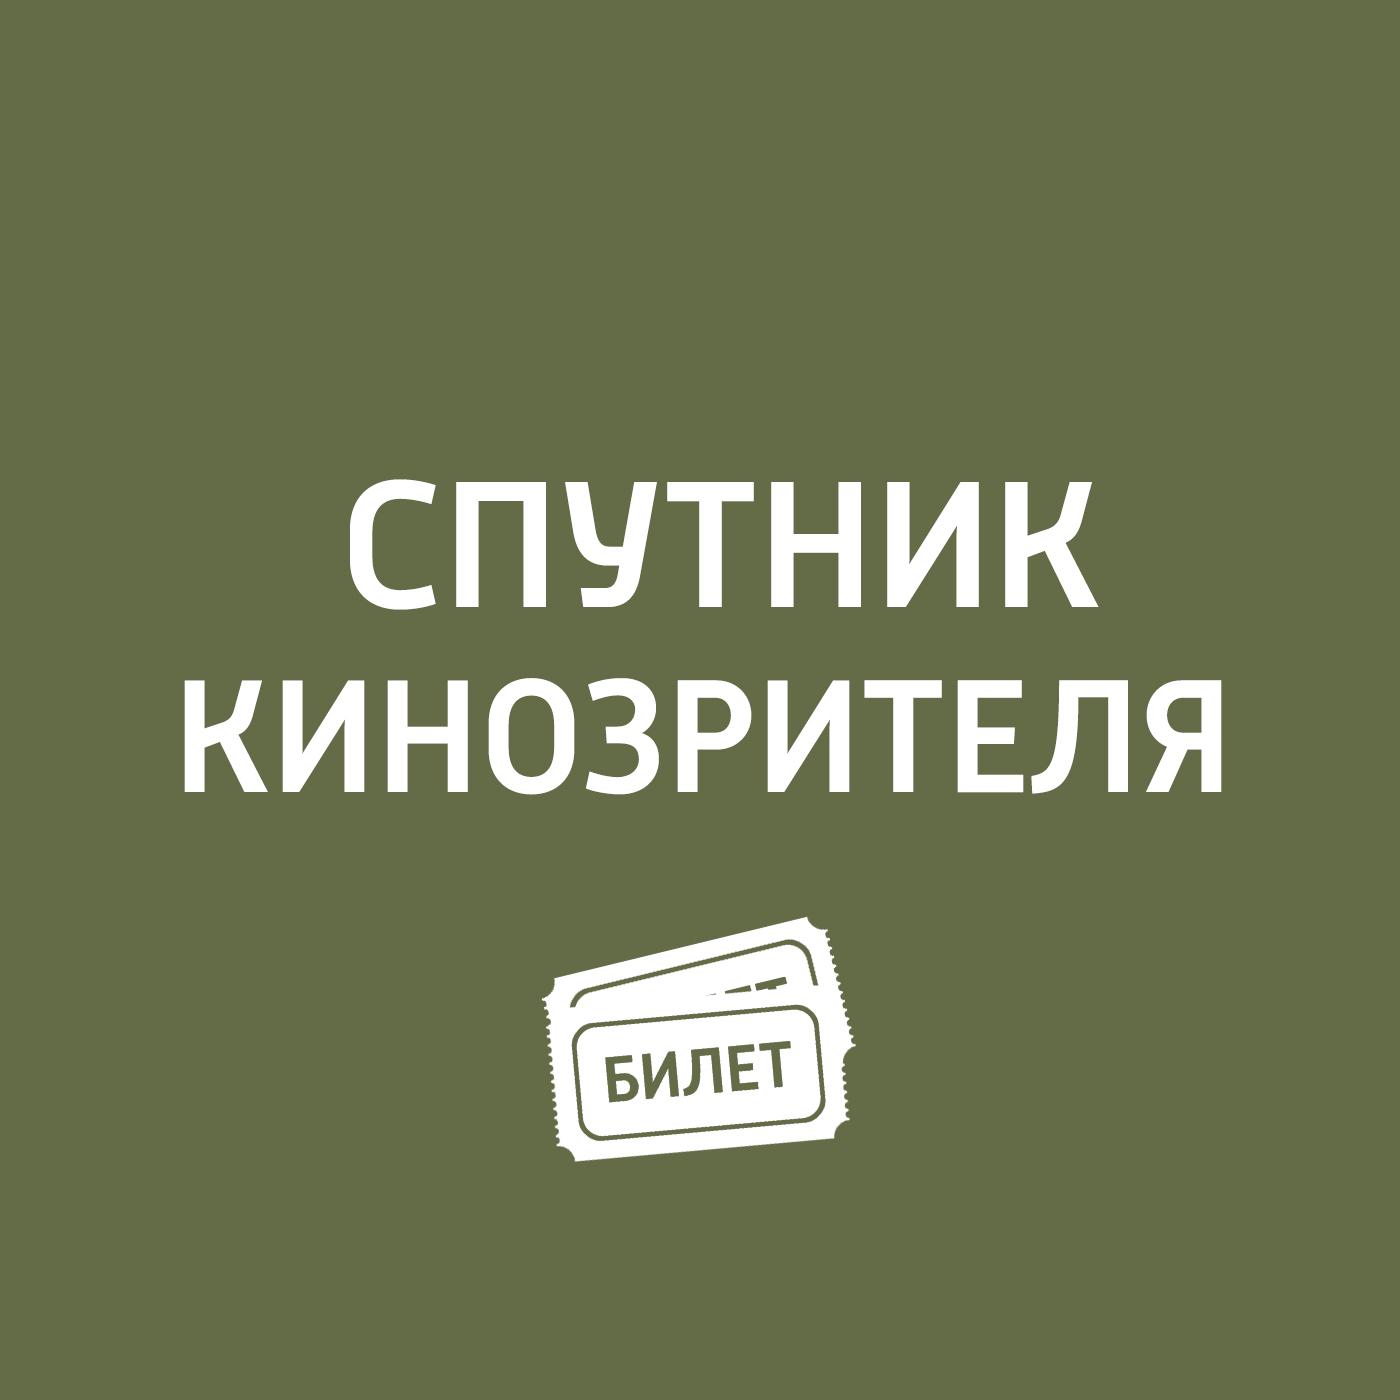 цена на Антон Долин Премьеры. «Багровый пик